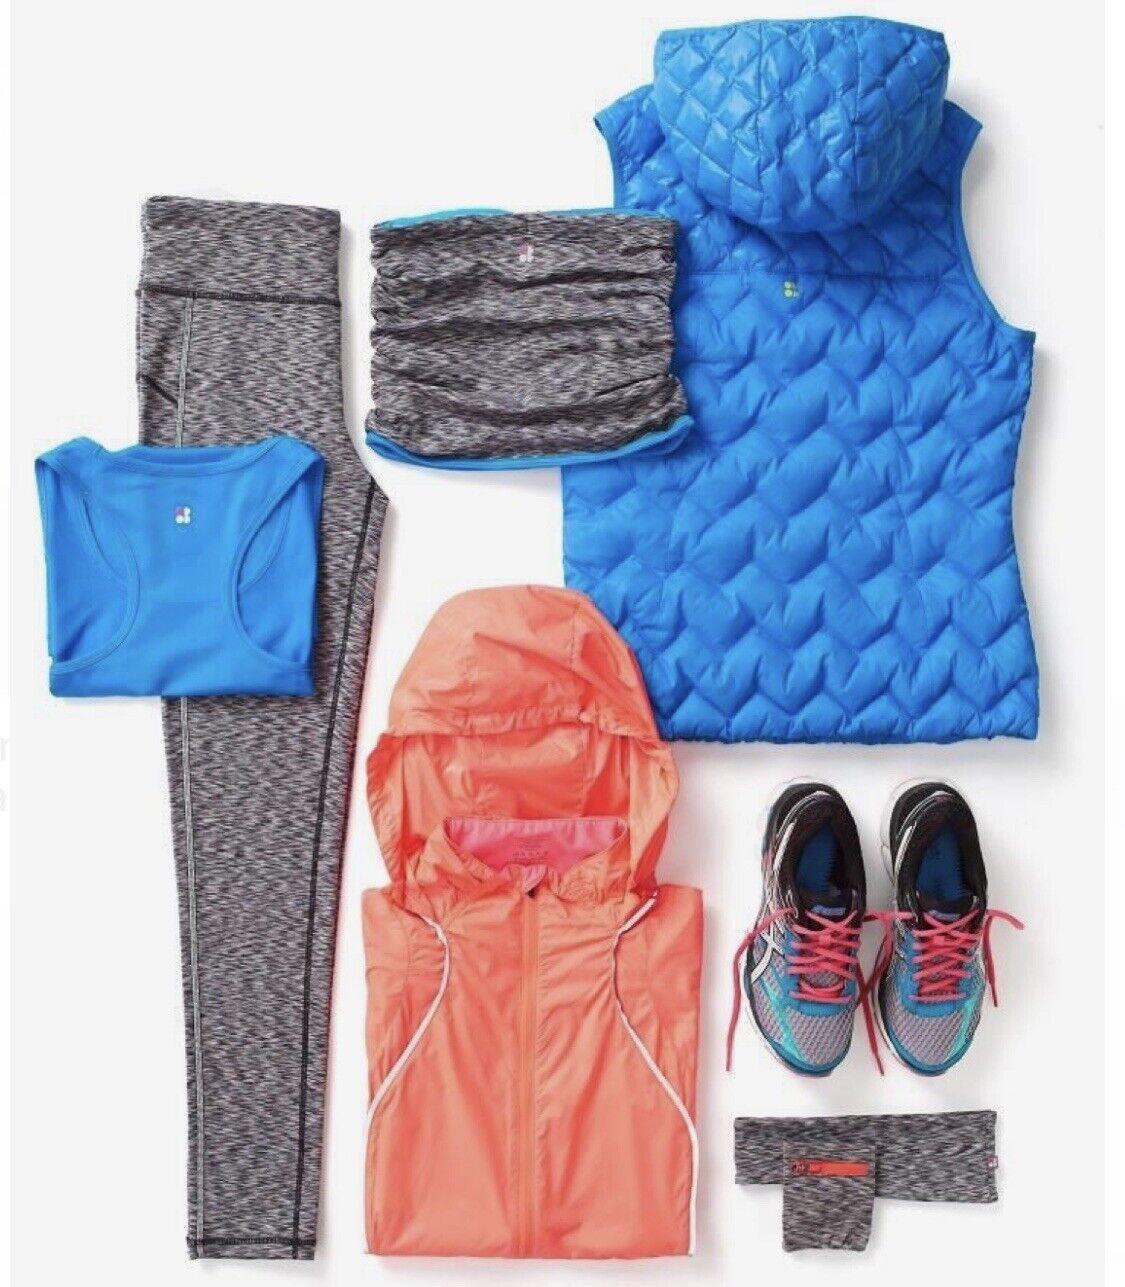 Sweaty Betty  bluee Orbital Gilet Body Warmer Size M  save up to 50%